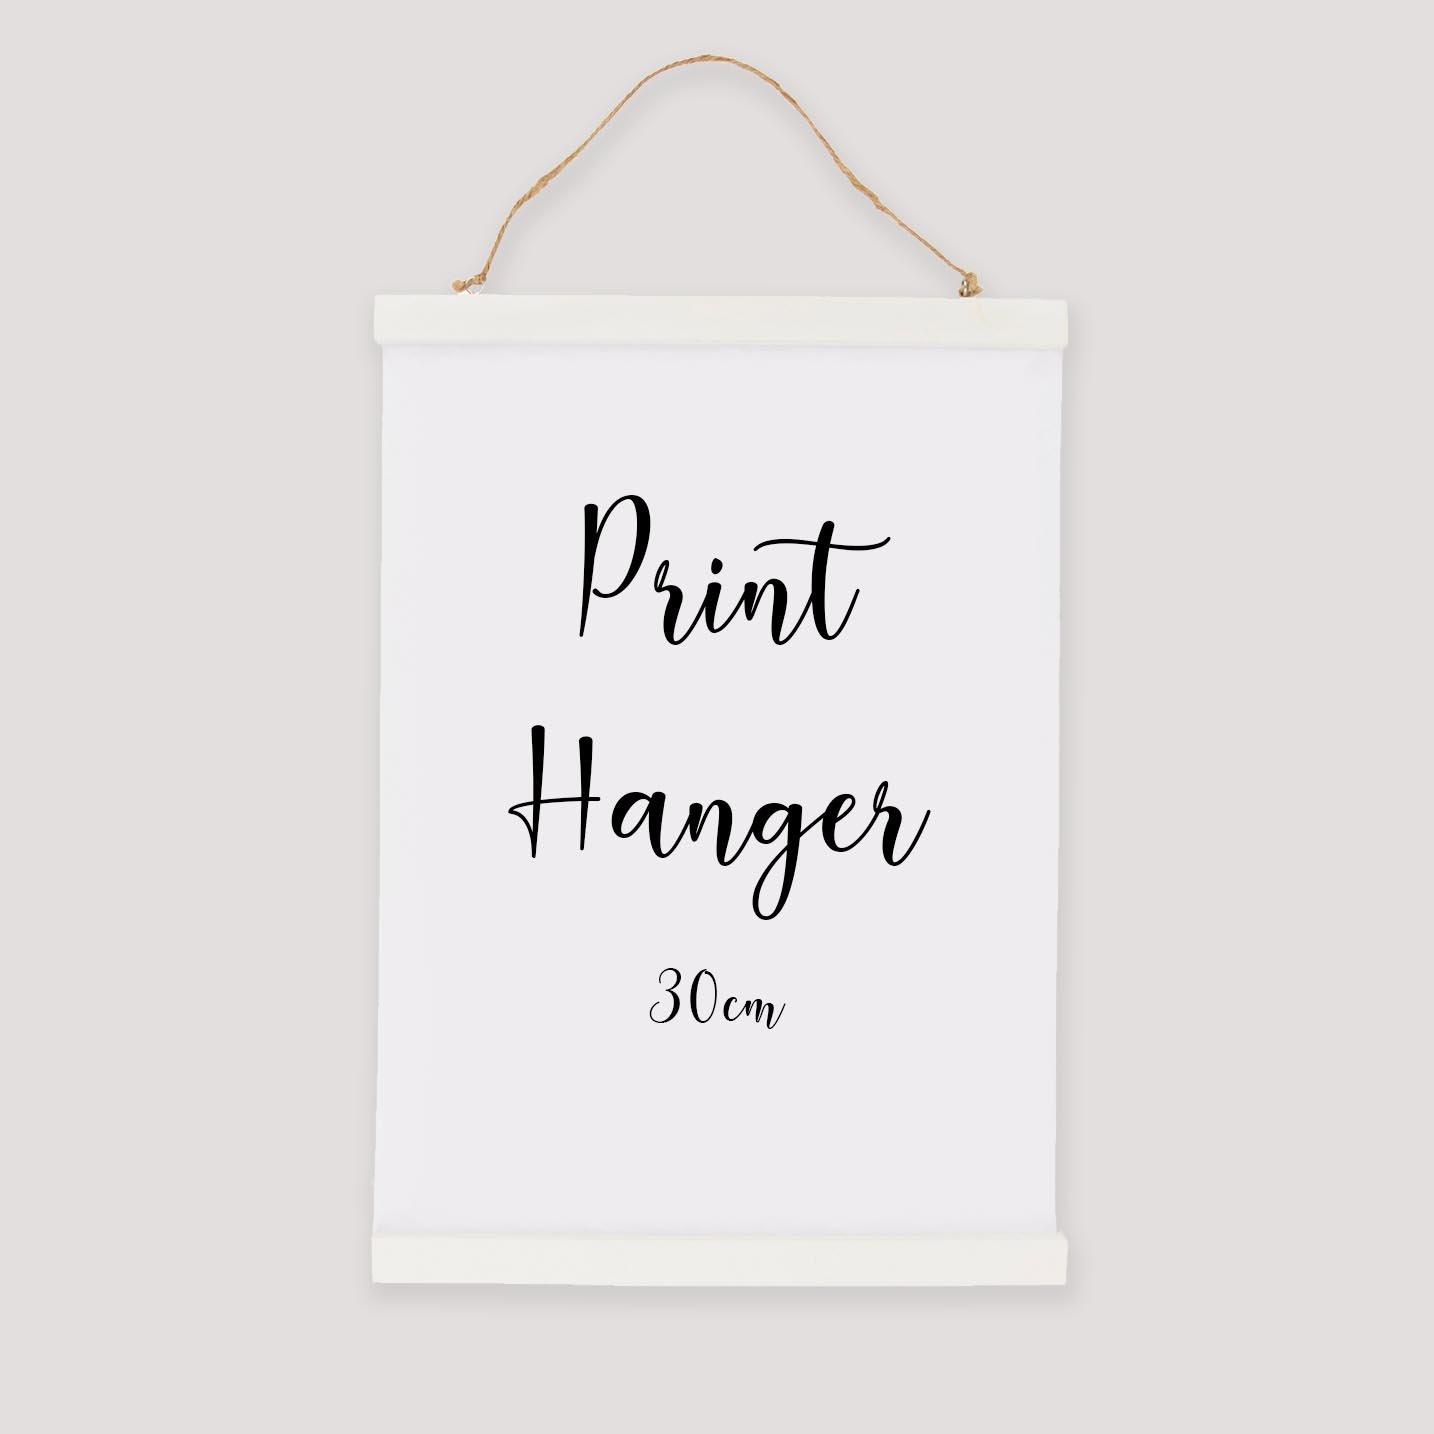 Image of White Print Hanger - 30cm